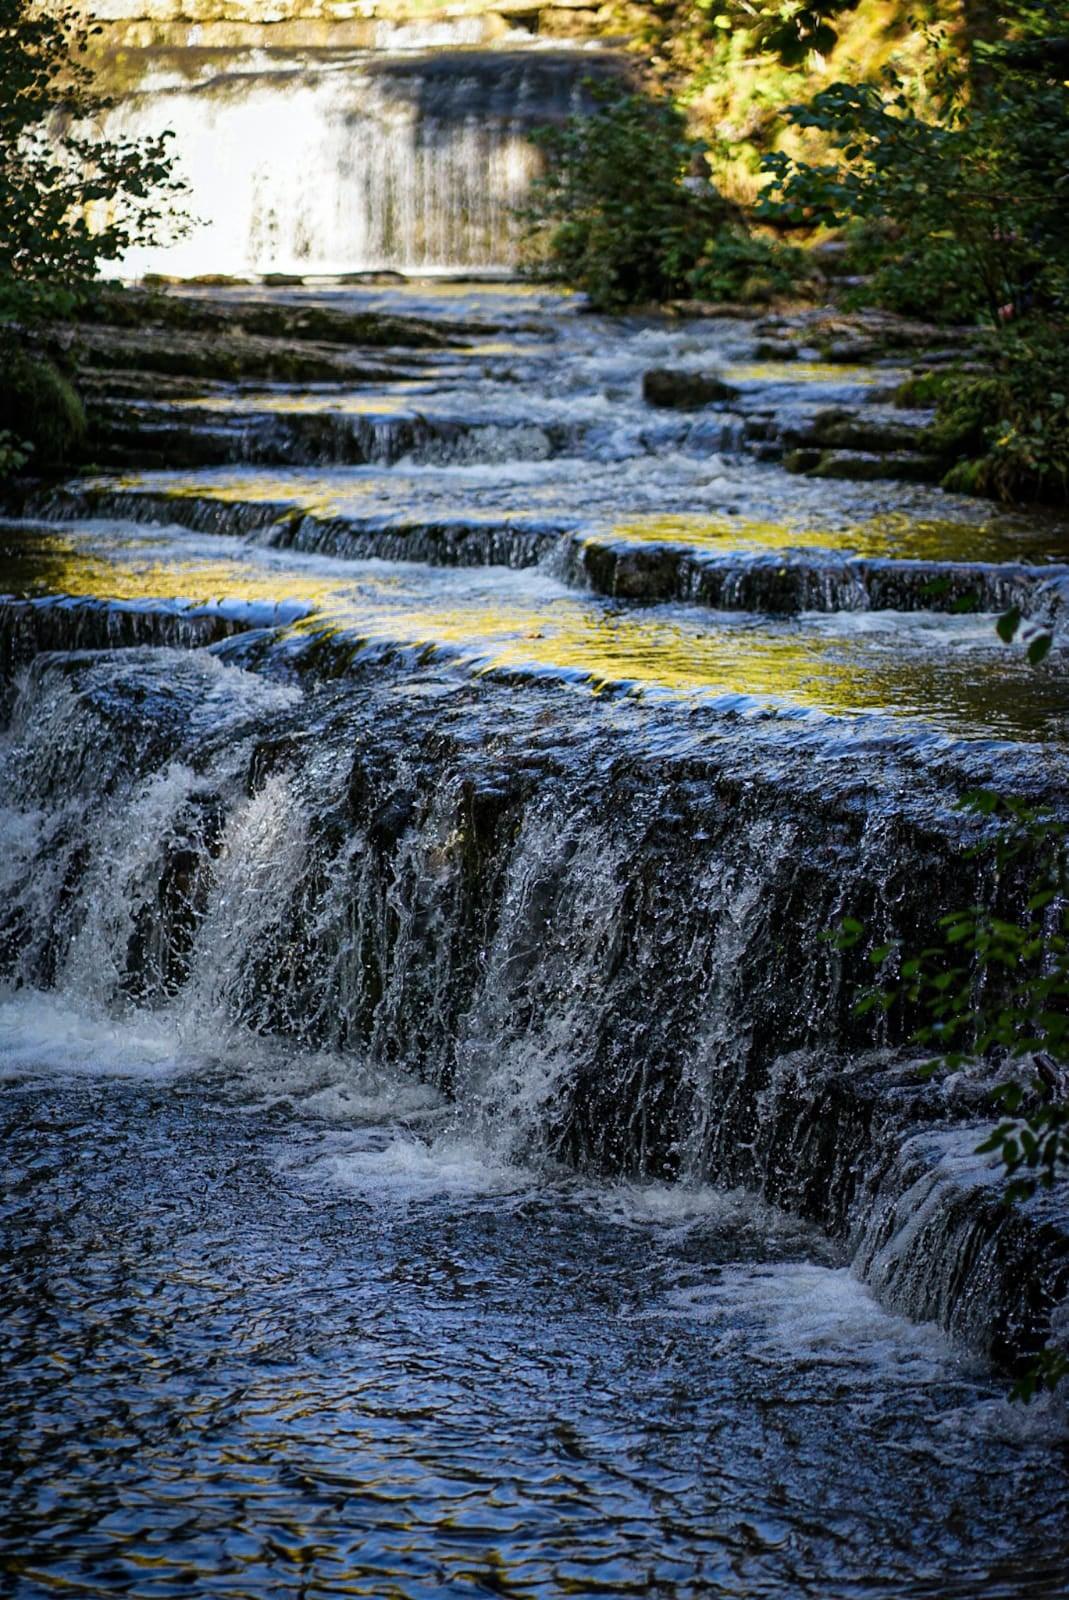 Cascades du hérisson lumière reflet eau arbres ruisseau